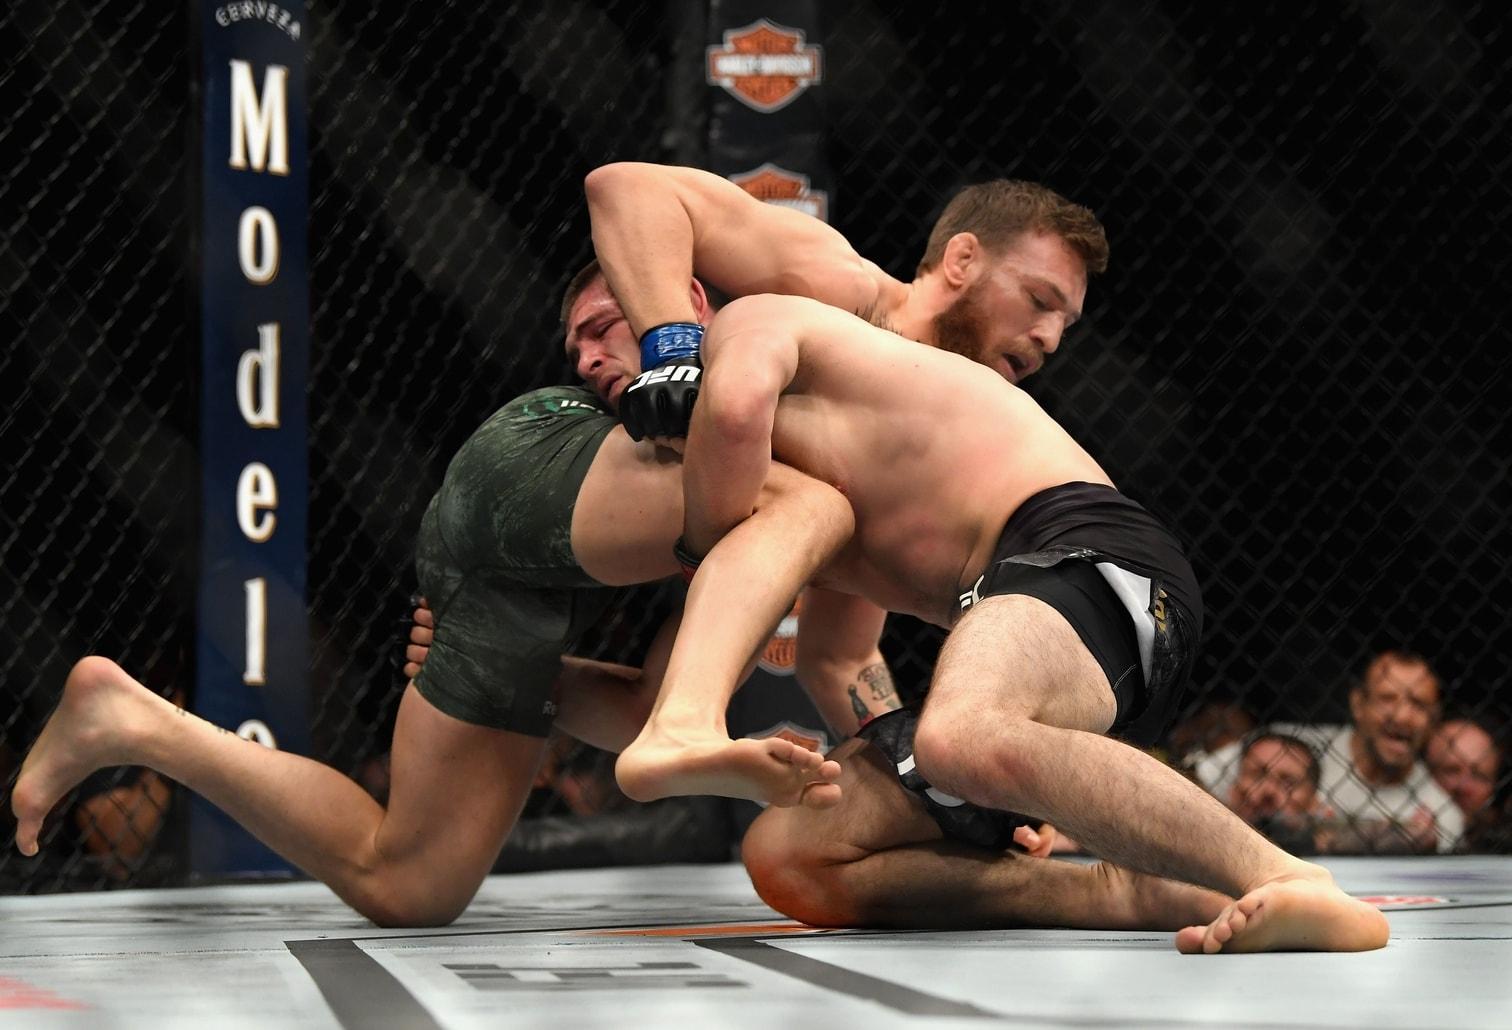 """<p>Der ungeschlagene Russe Khabib Nurmagomedov hat den Mega-Fight des Jahres """"UFC 229"""" gegen Superstar Conor McGregor für sich entschieden. Der Ire musste in der vierten Runde aufgeben"""